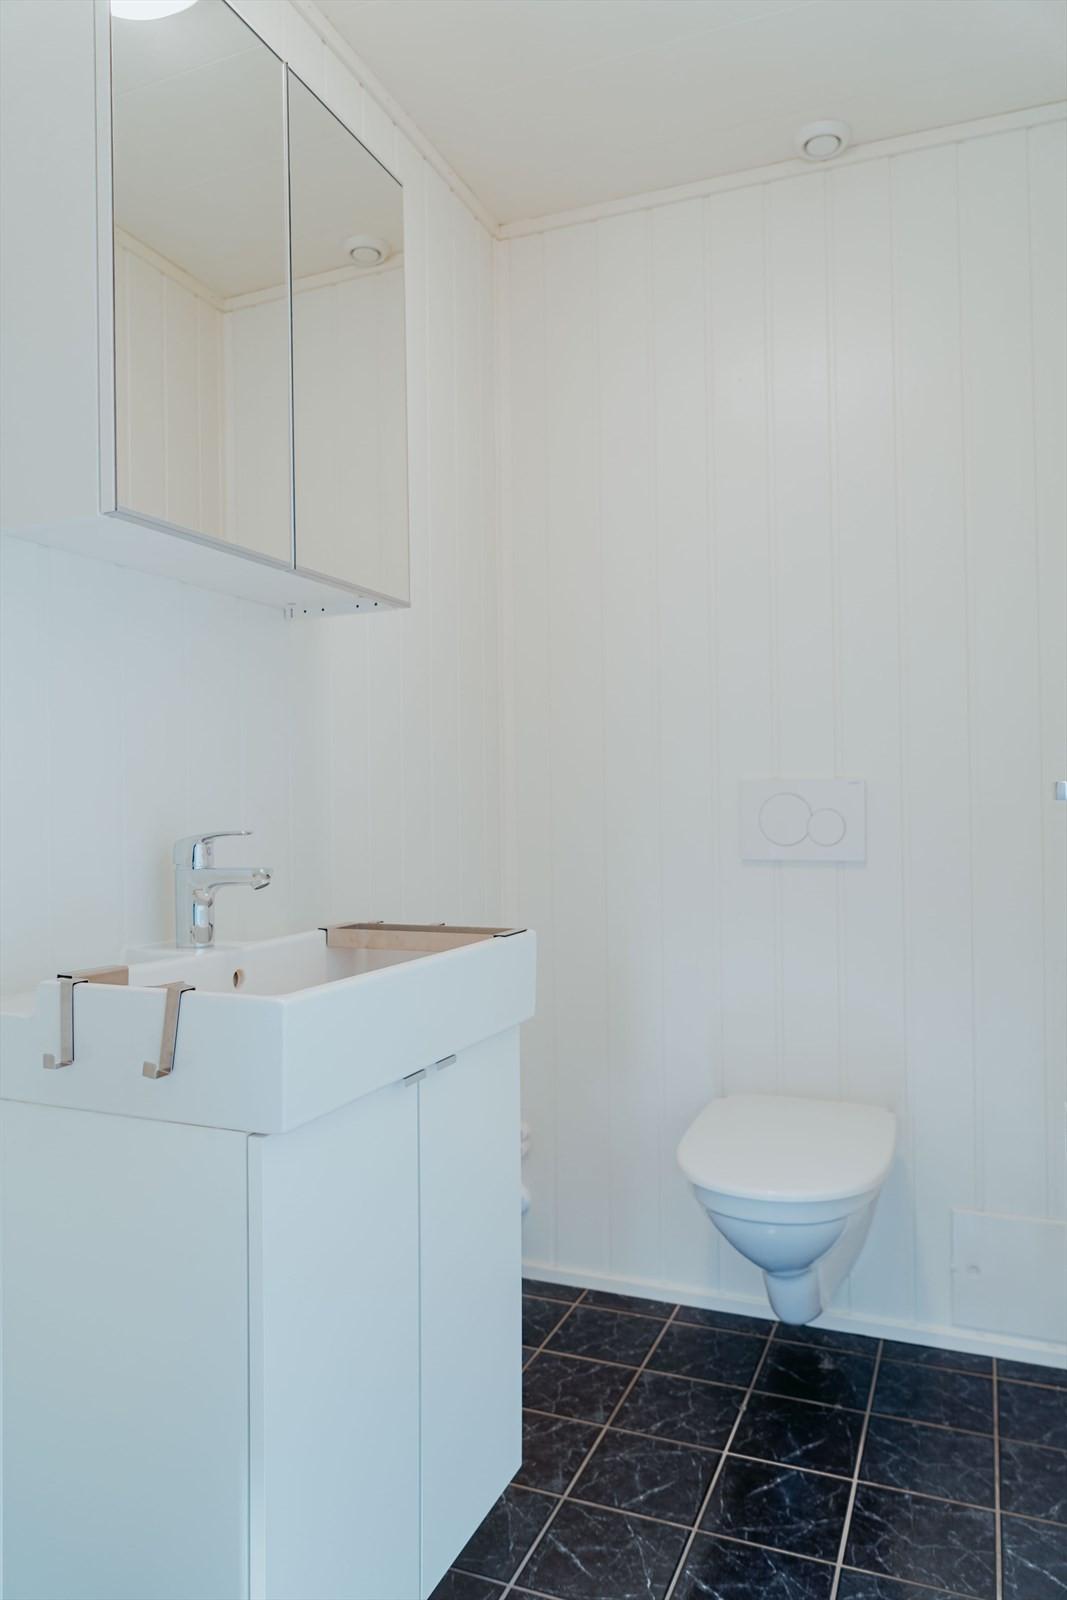 WC i 1. etasje